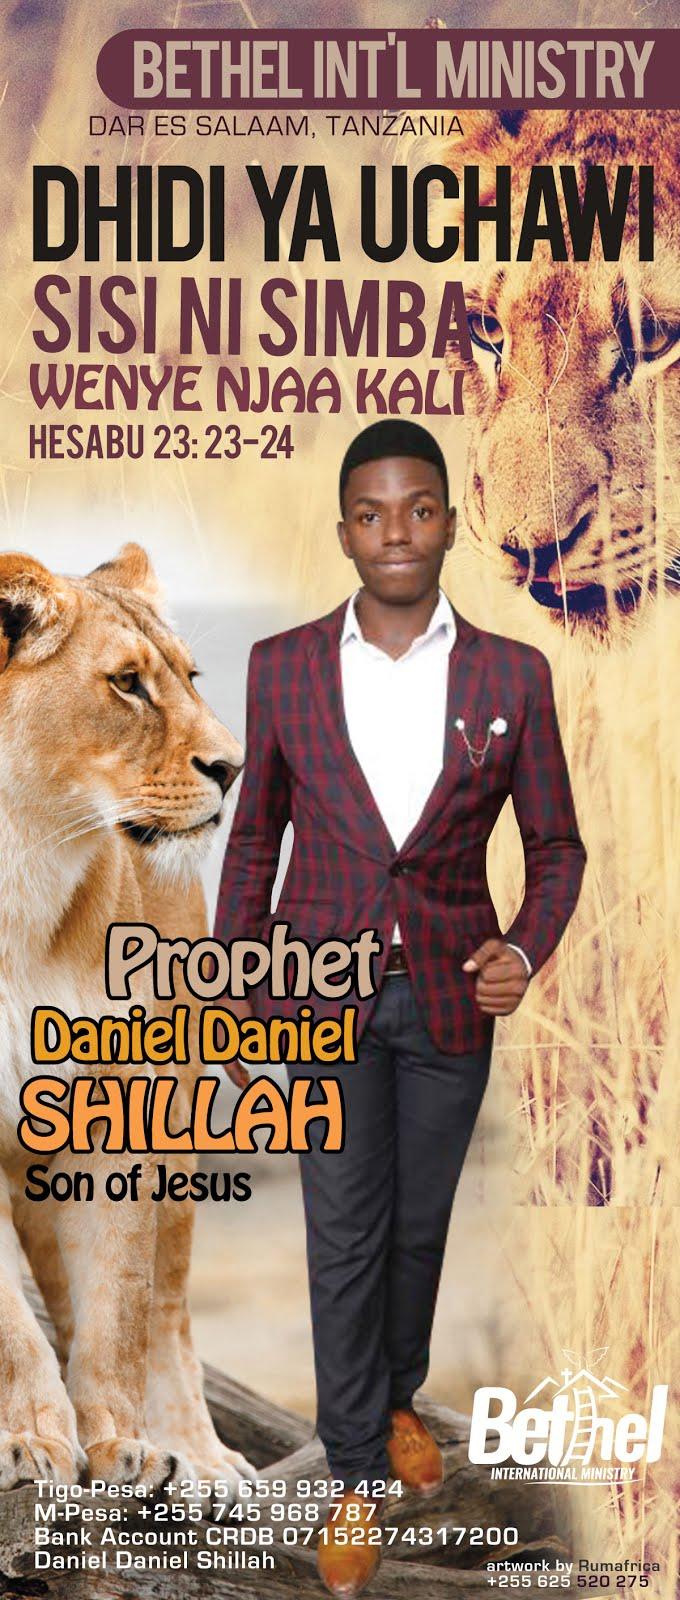 NABII DANIEL SHILLAH